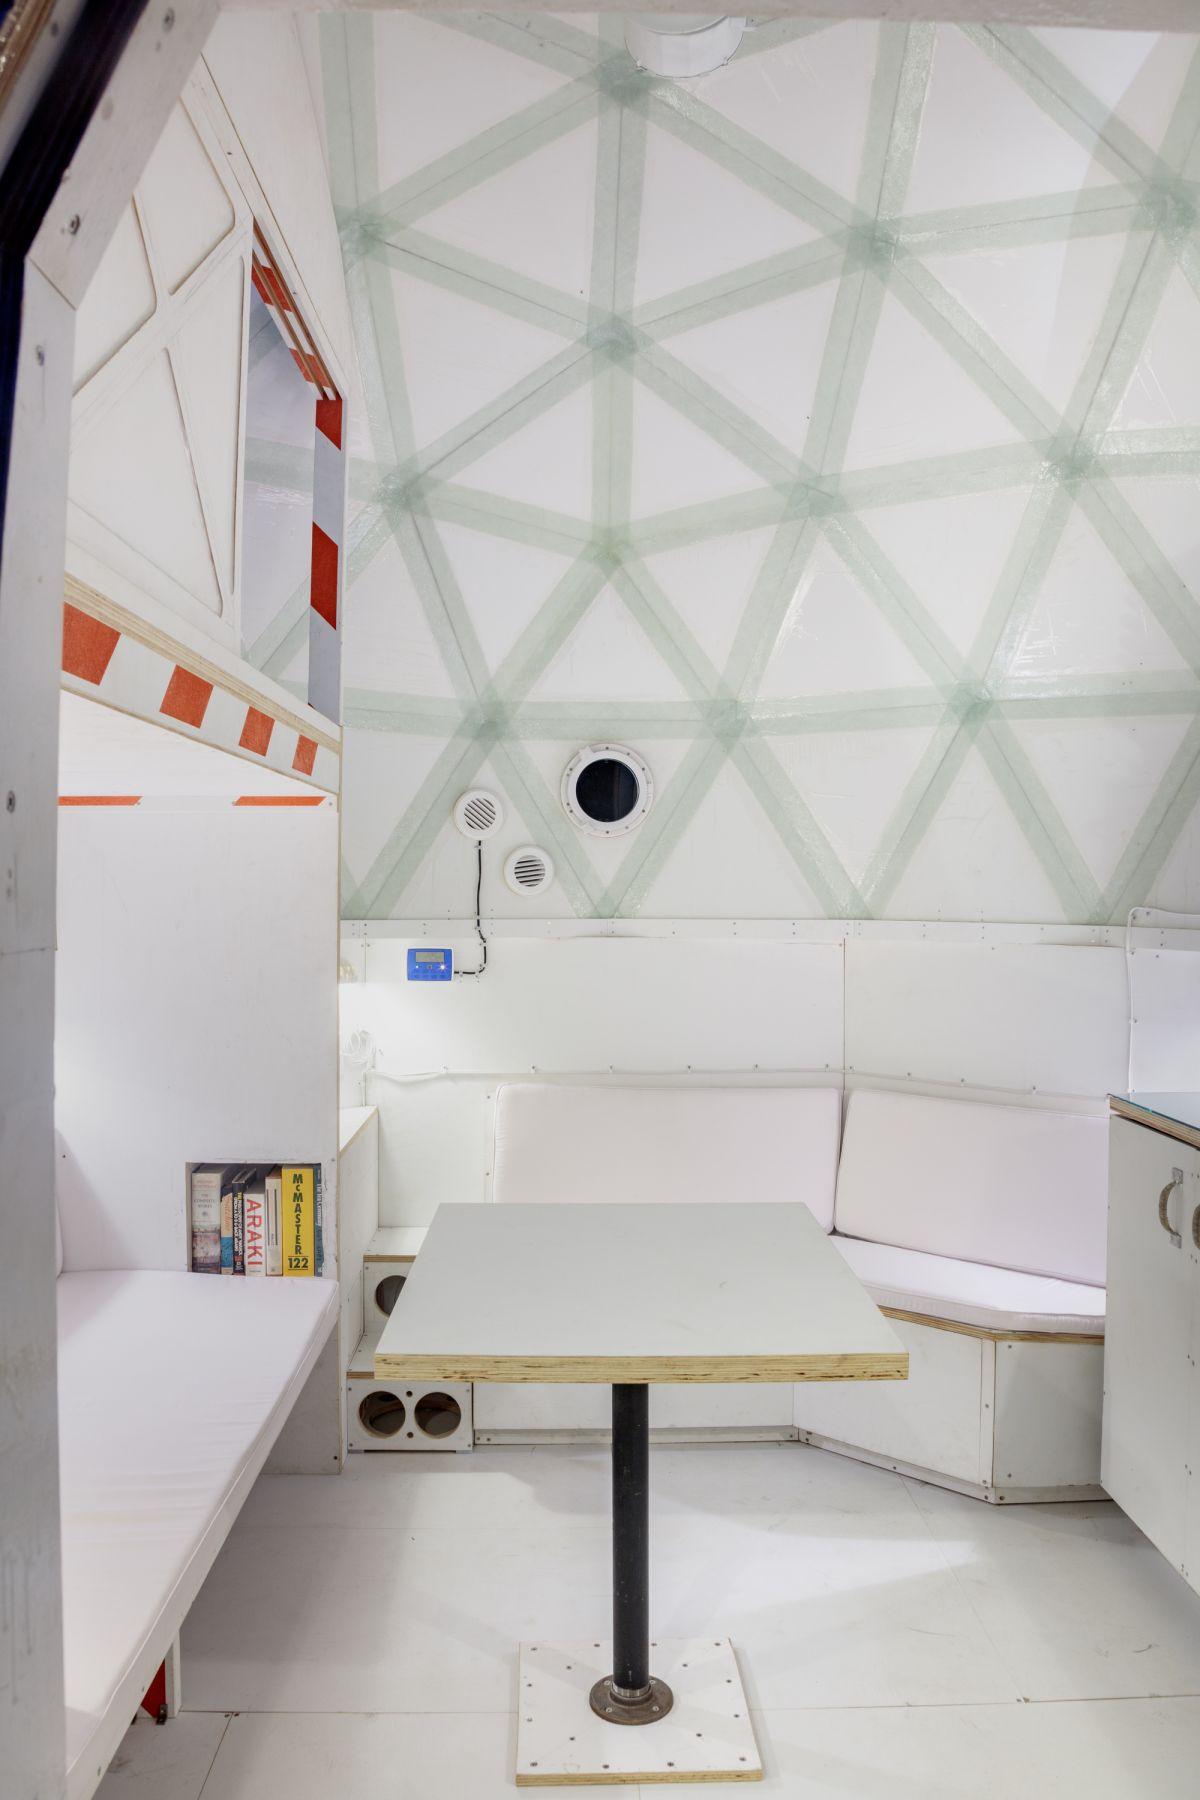 Interior view, Tom Sachs,Building #3,2018